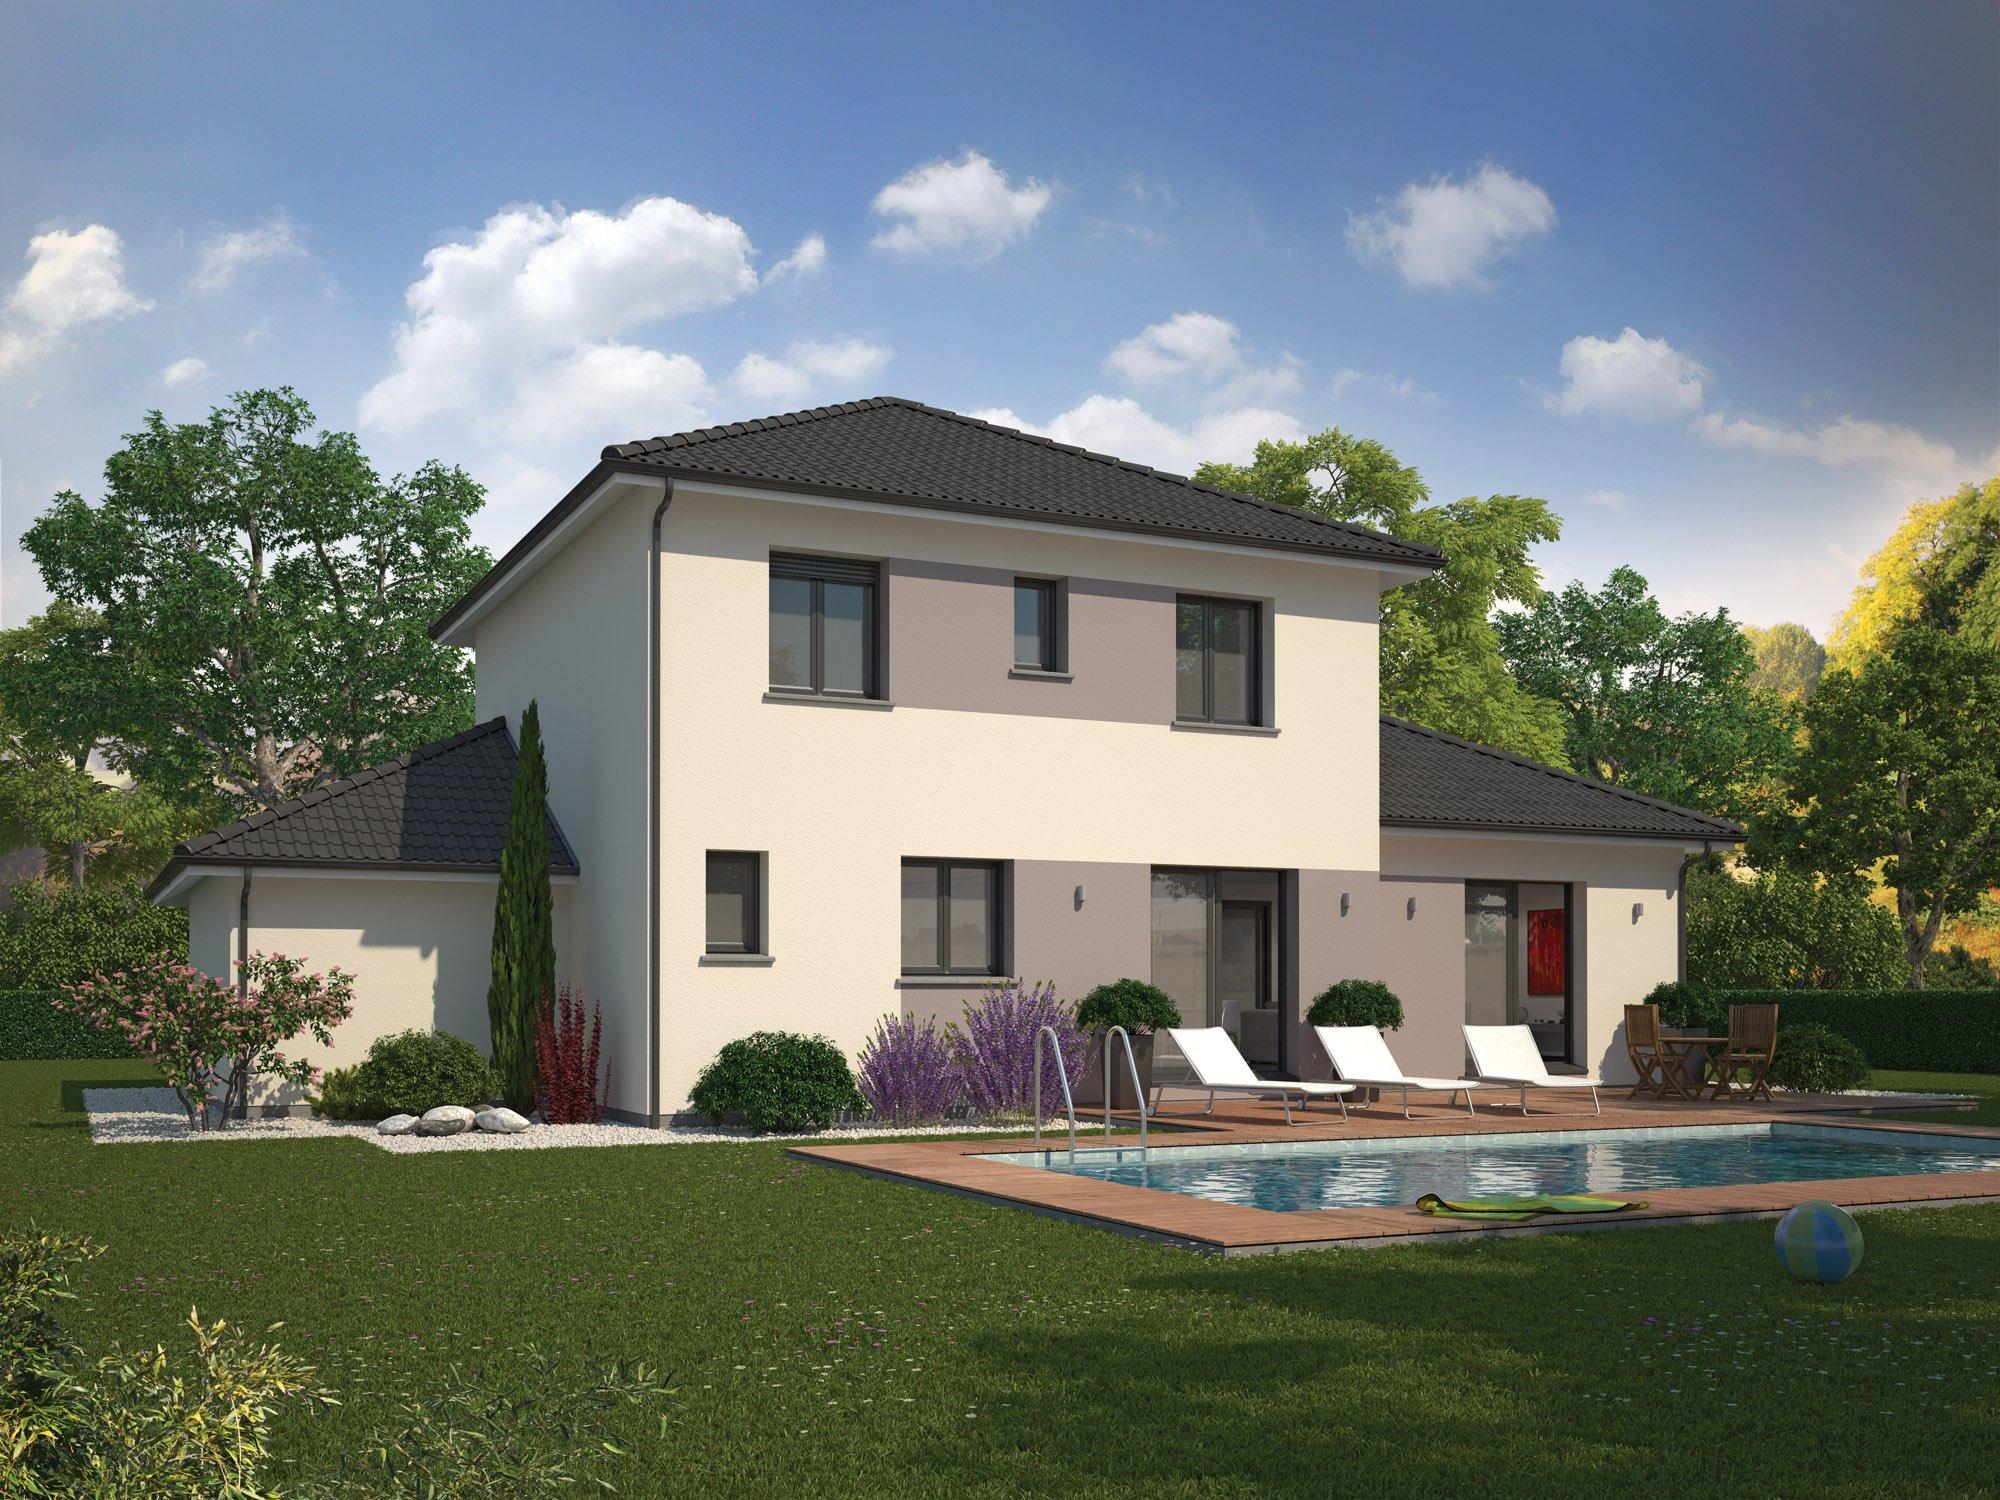 Maison familiale constructeur immobilier andr zieux for Une autre maison andrezieux